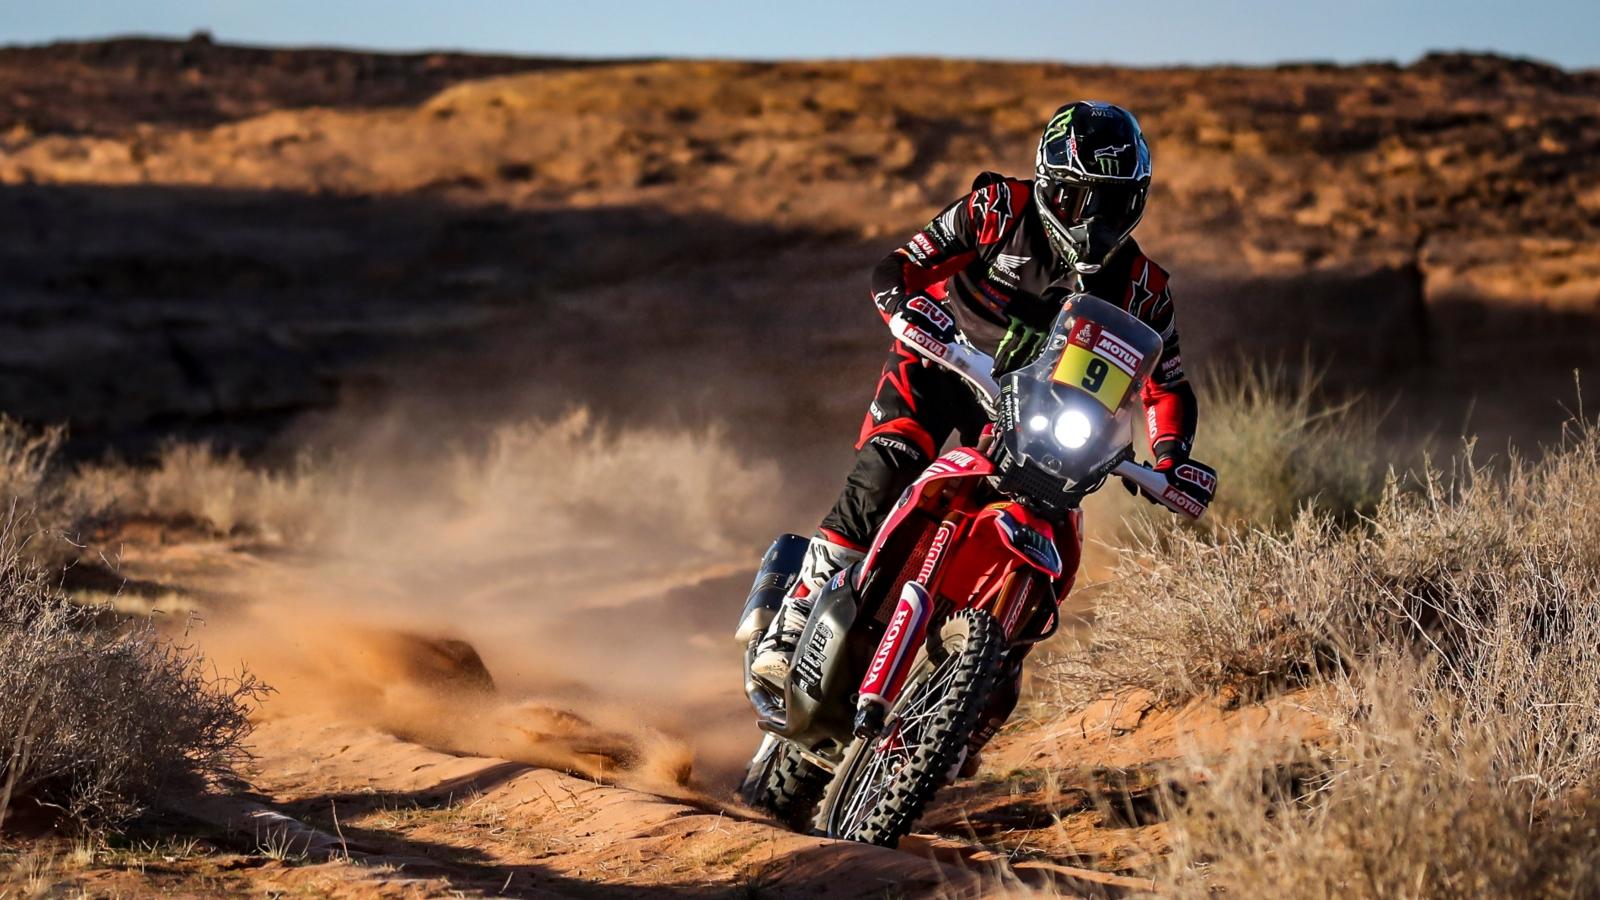 Dakar 2020: Ricky Brabec gana a Joan Barreda y es más líder, Kevin Benavides pierde toda opción